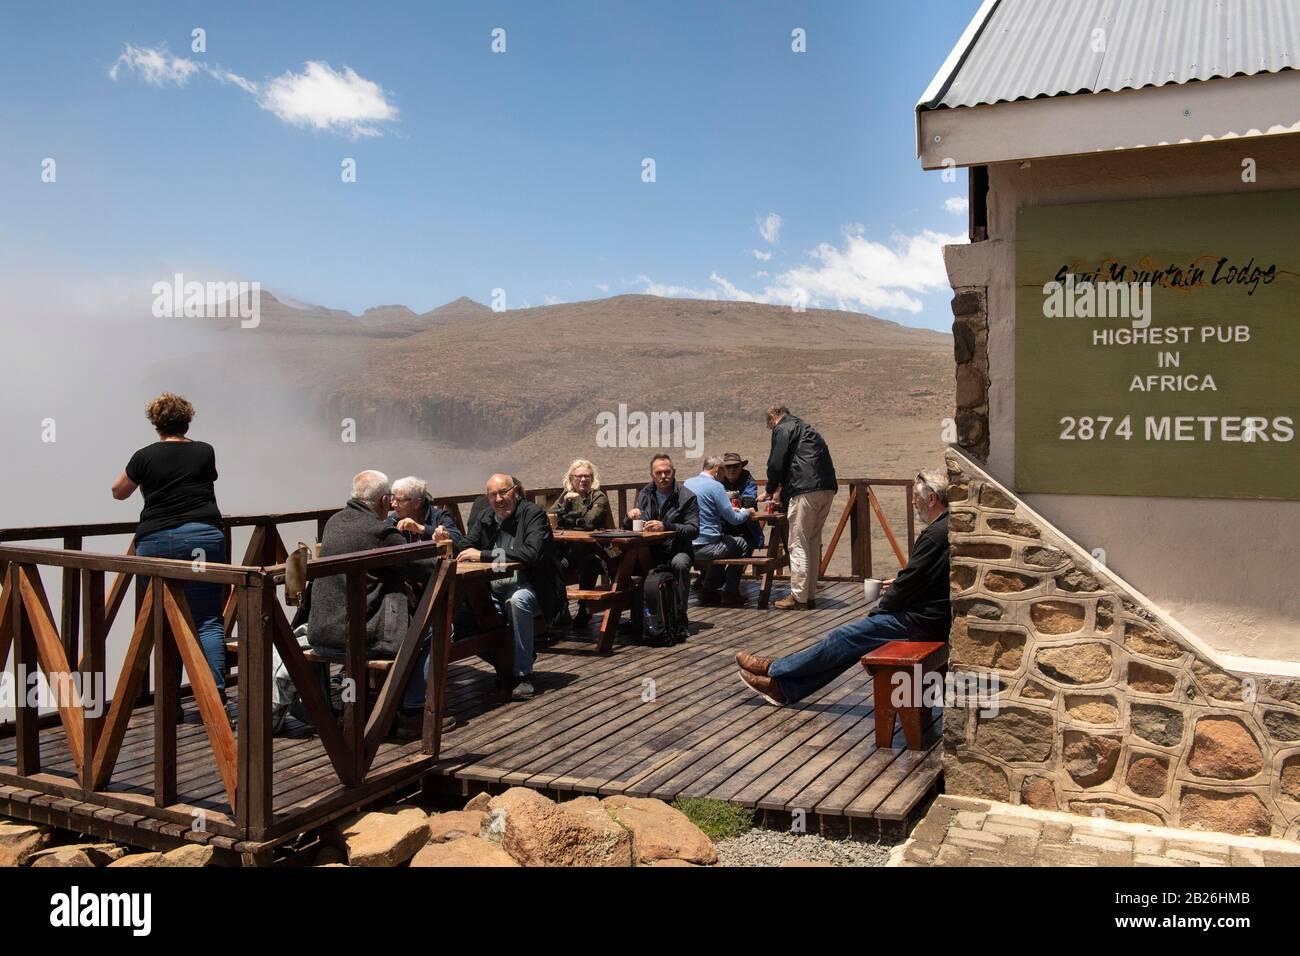 El pub más alto de África, Sani Mountain Lodge, Lesotho Foto de stock